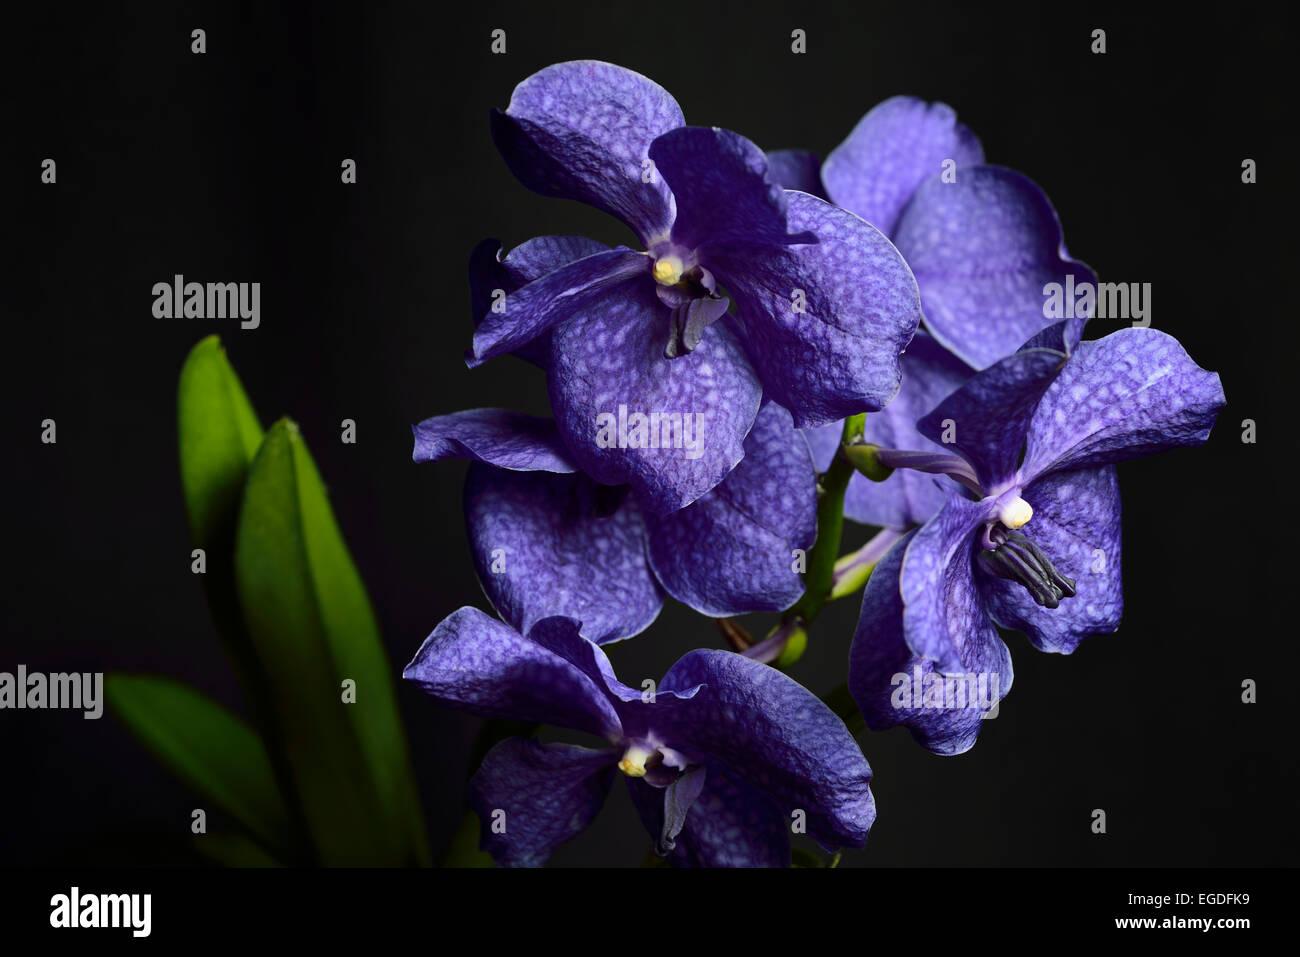 Dunkel blaue Vanda Pachara Delight Hybrid Orchidee Blume auf schwarzem Hintergrund Stockbild